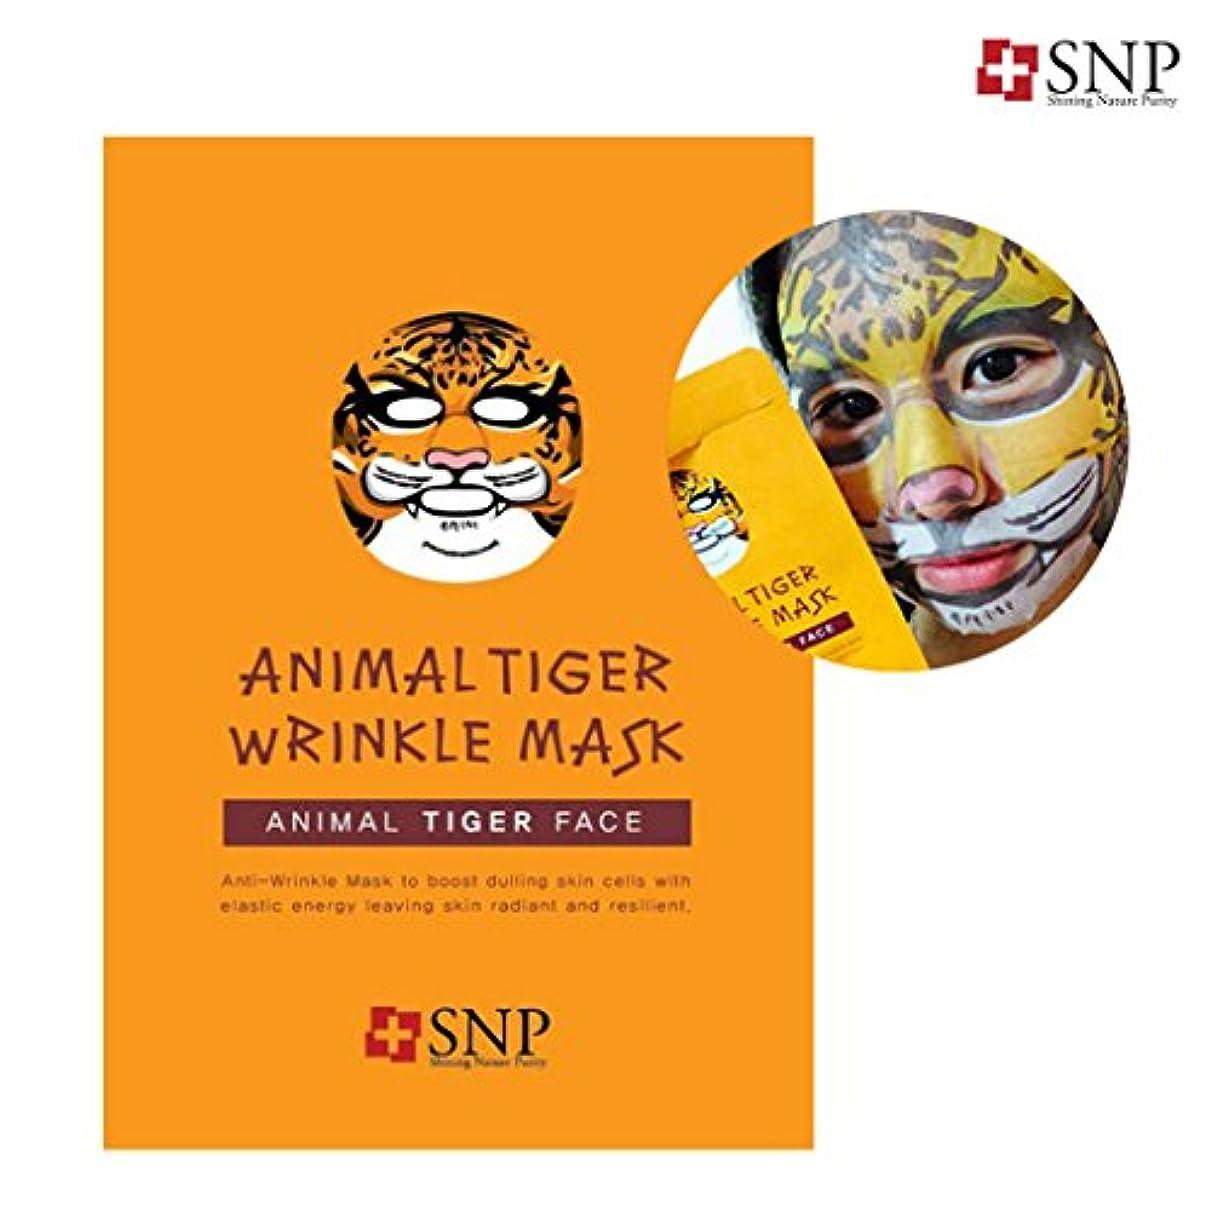 ヘルメット売り手縮約SNP アニマル タイガーリンクルマスク10枚 / animal tiger wrinkle mask 10ea[海外直送品]